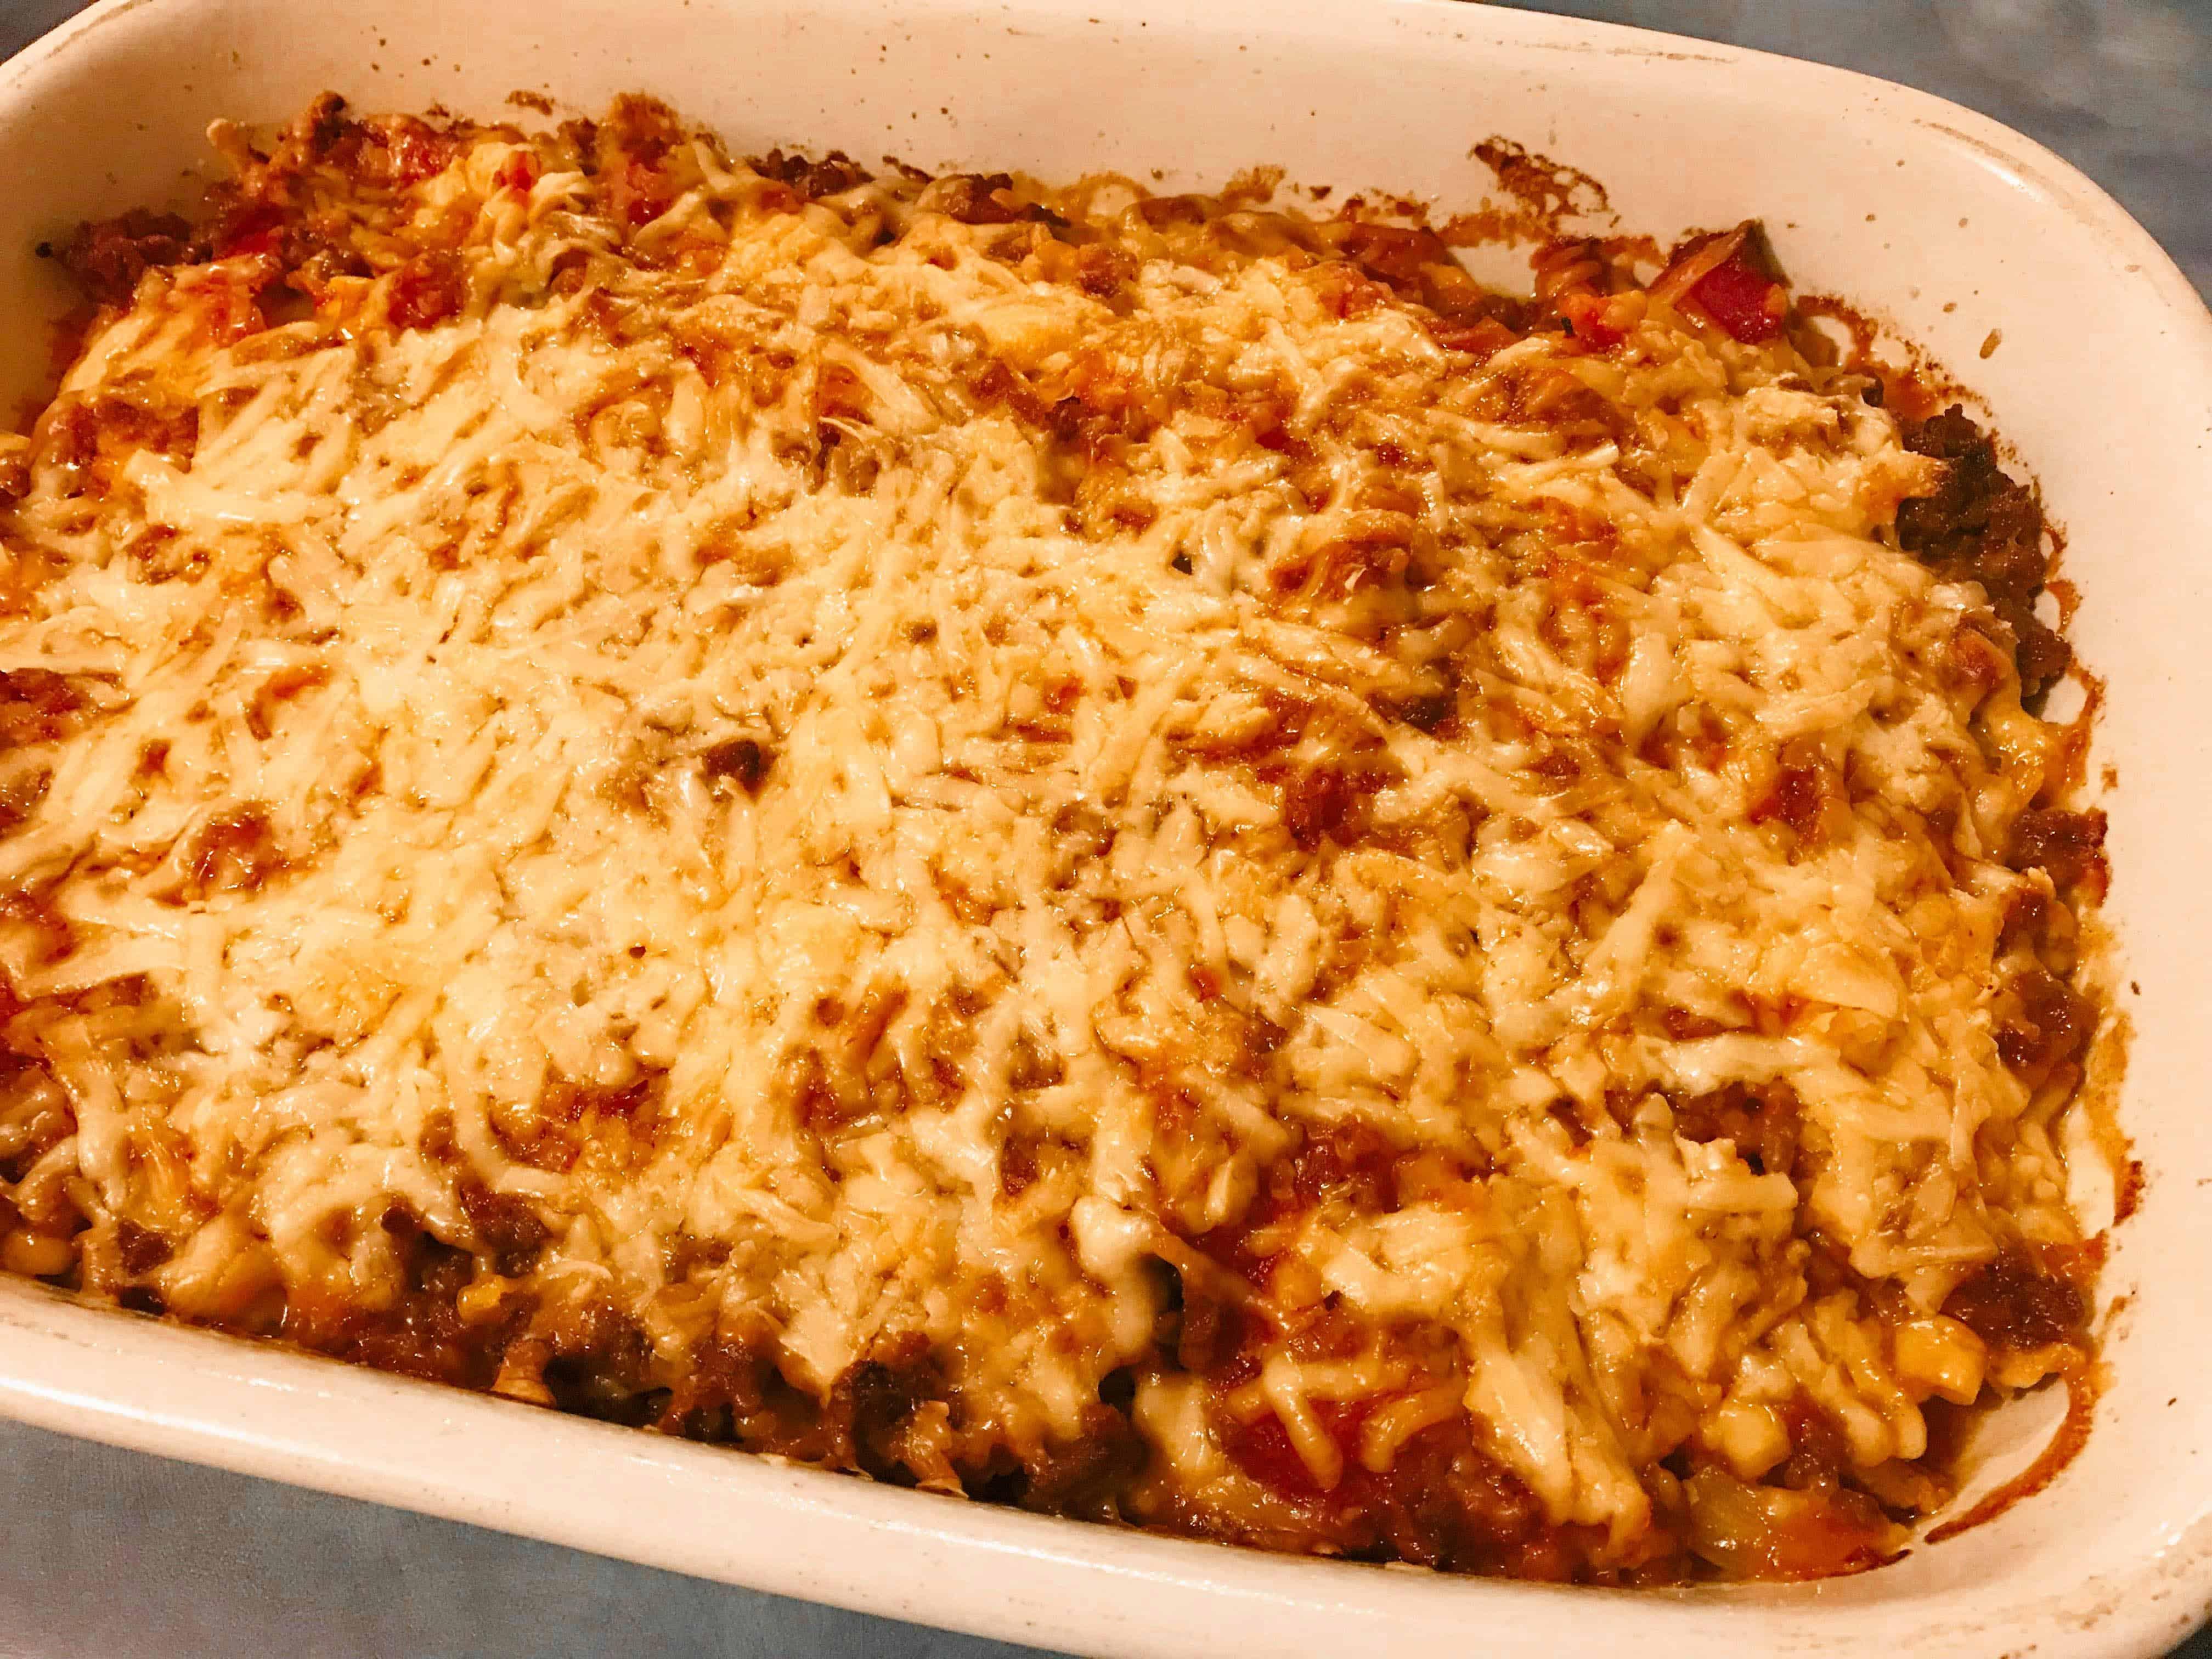 Mexican potato bake recipe